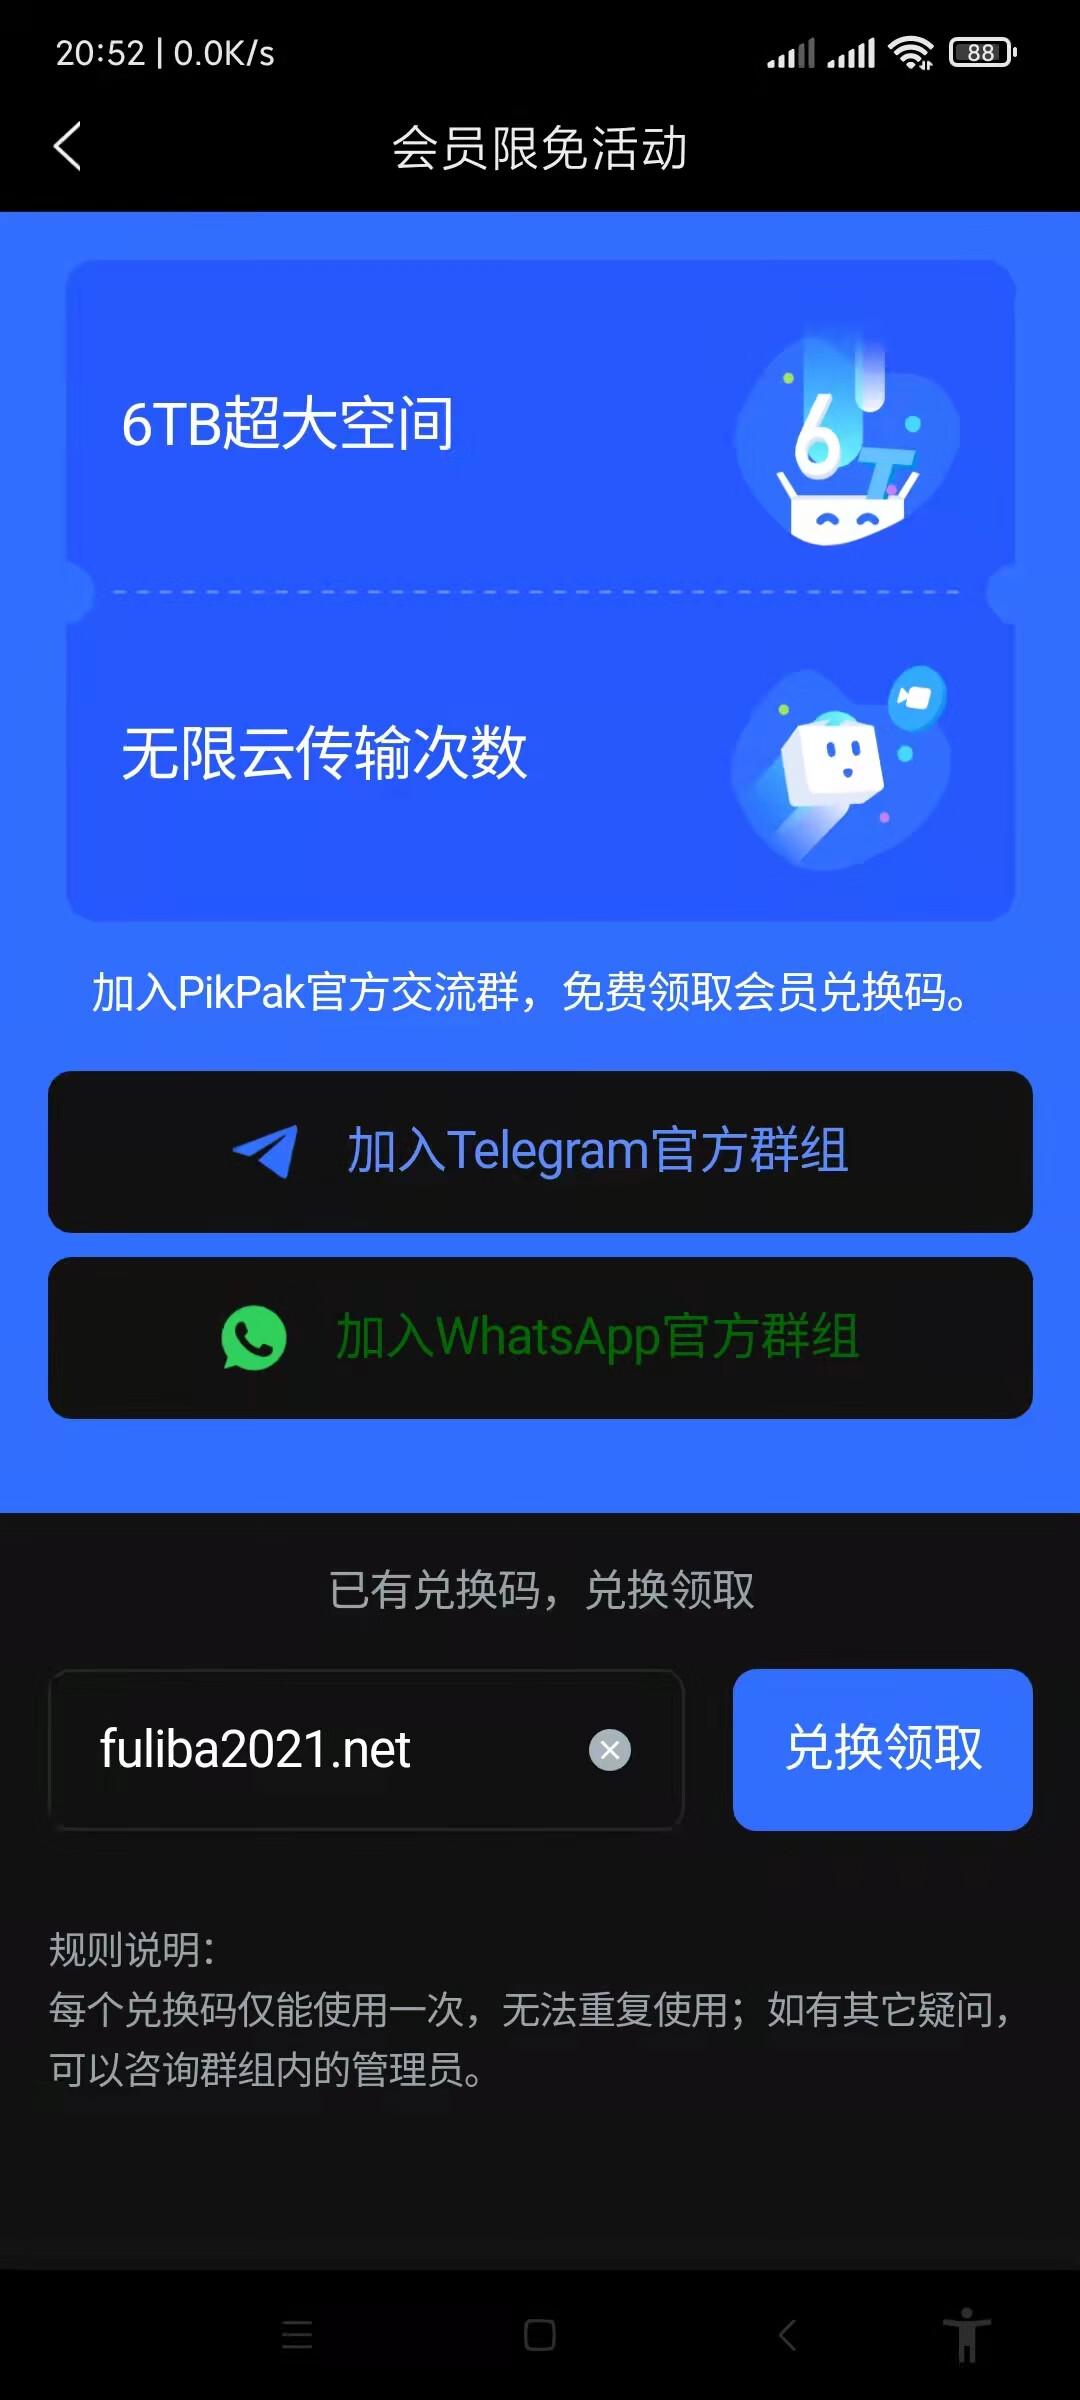 【PikPak】来自新加坡的(网盘+离线下载+资源抓取)App(安卓)-福利巴士